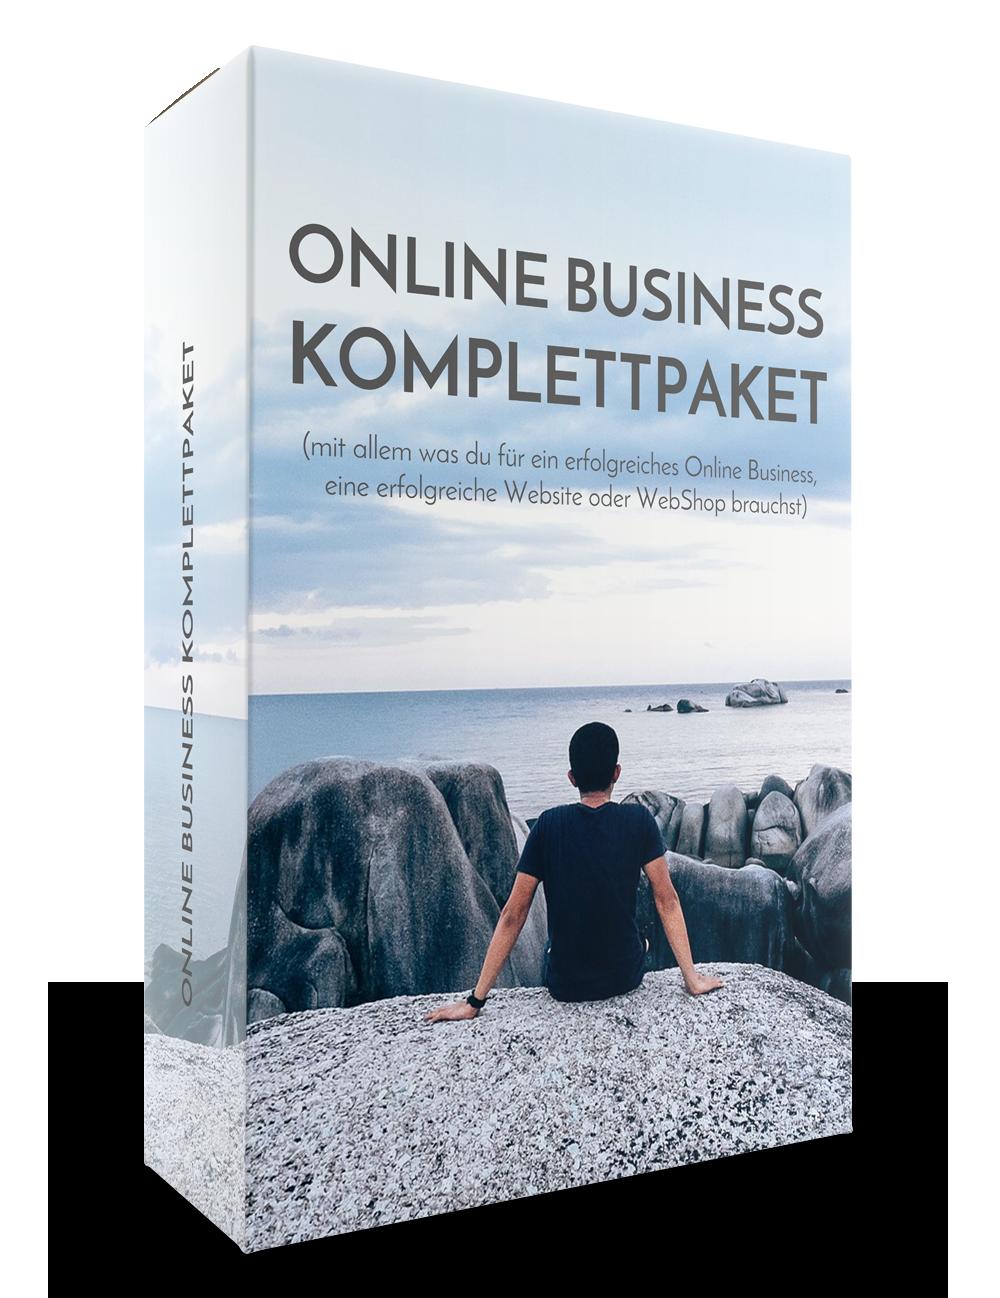 1539445412_online-business-komplettpaket.png